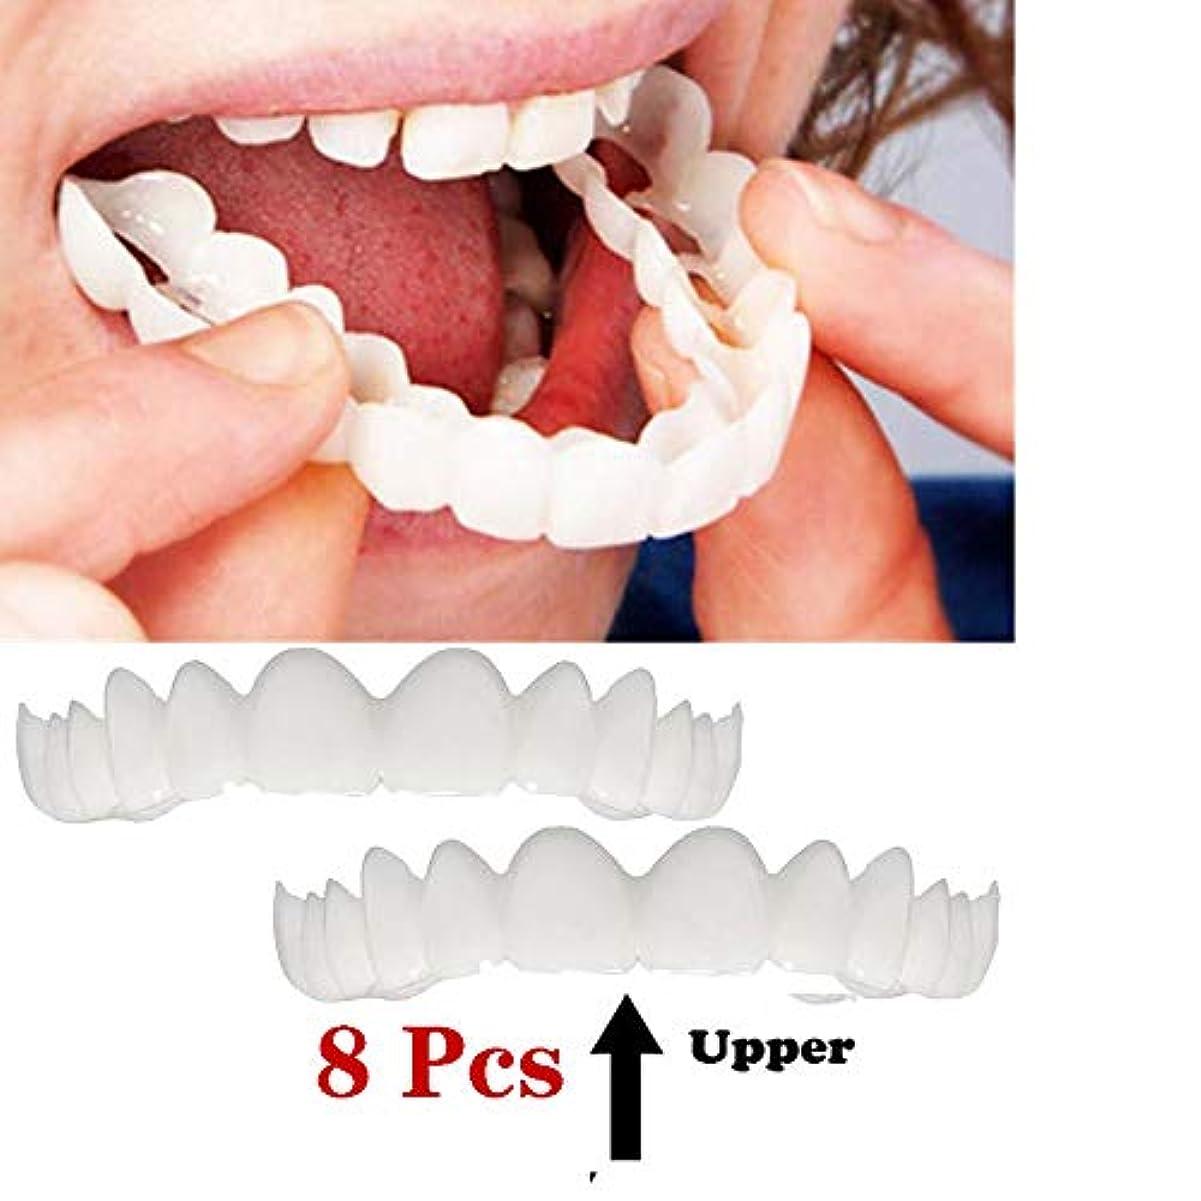 作るアストロラーベ天の8ピース突き板歯仮化粧品歯義歯歯模擬ブレースアッパーブレースホワイトニング歯スナップキャップインスタント快適なフレックスパーフェクトベニア